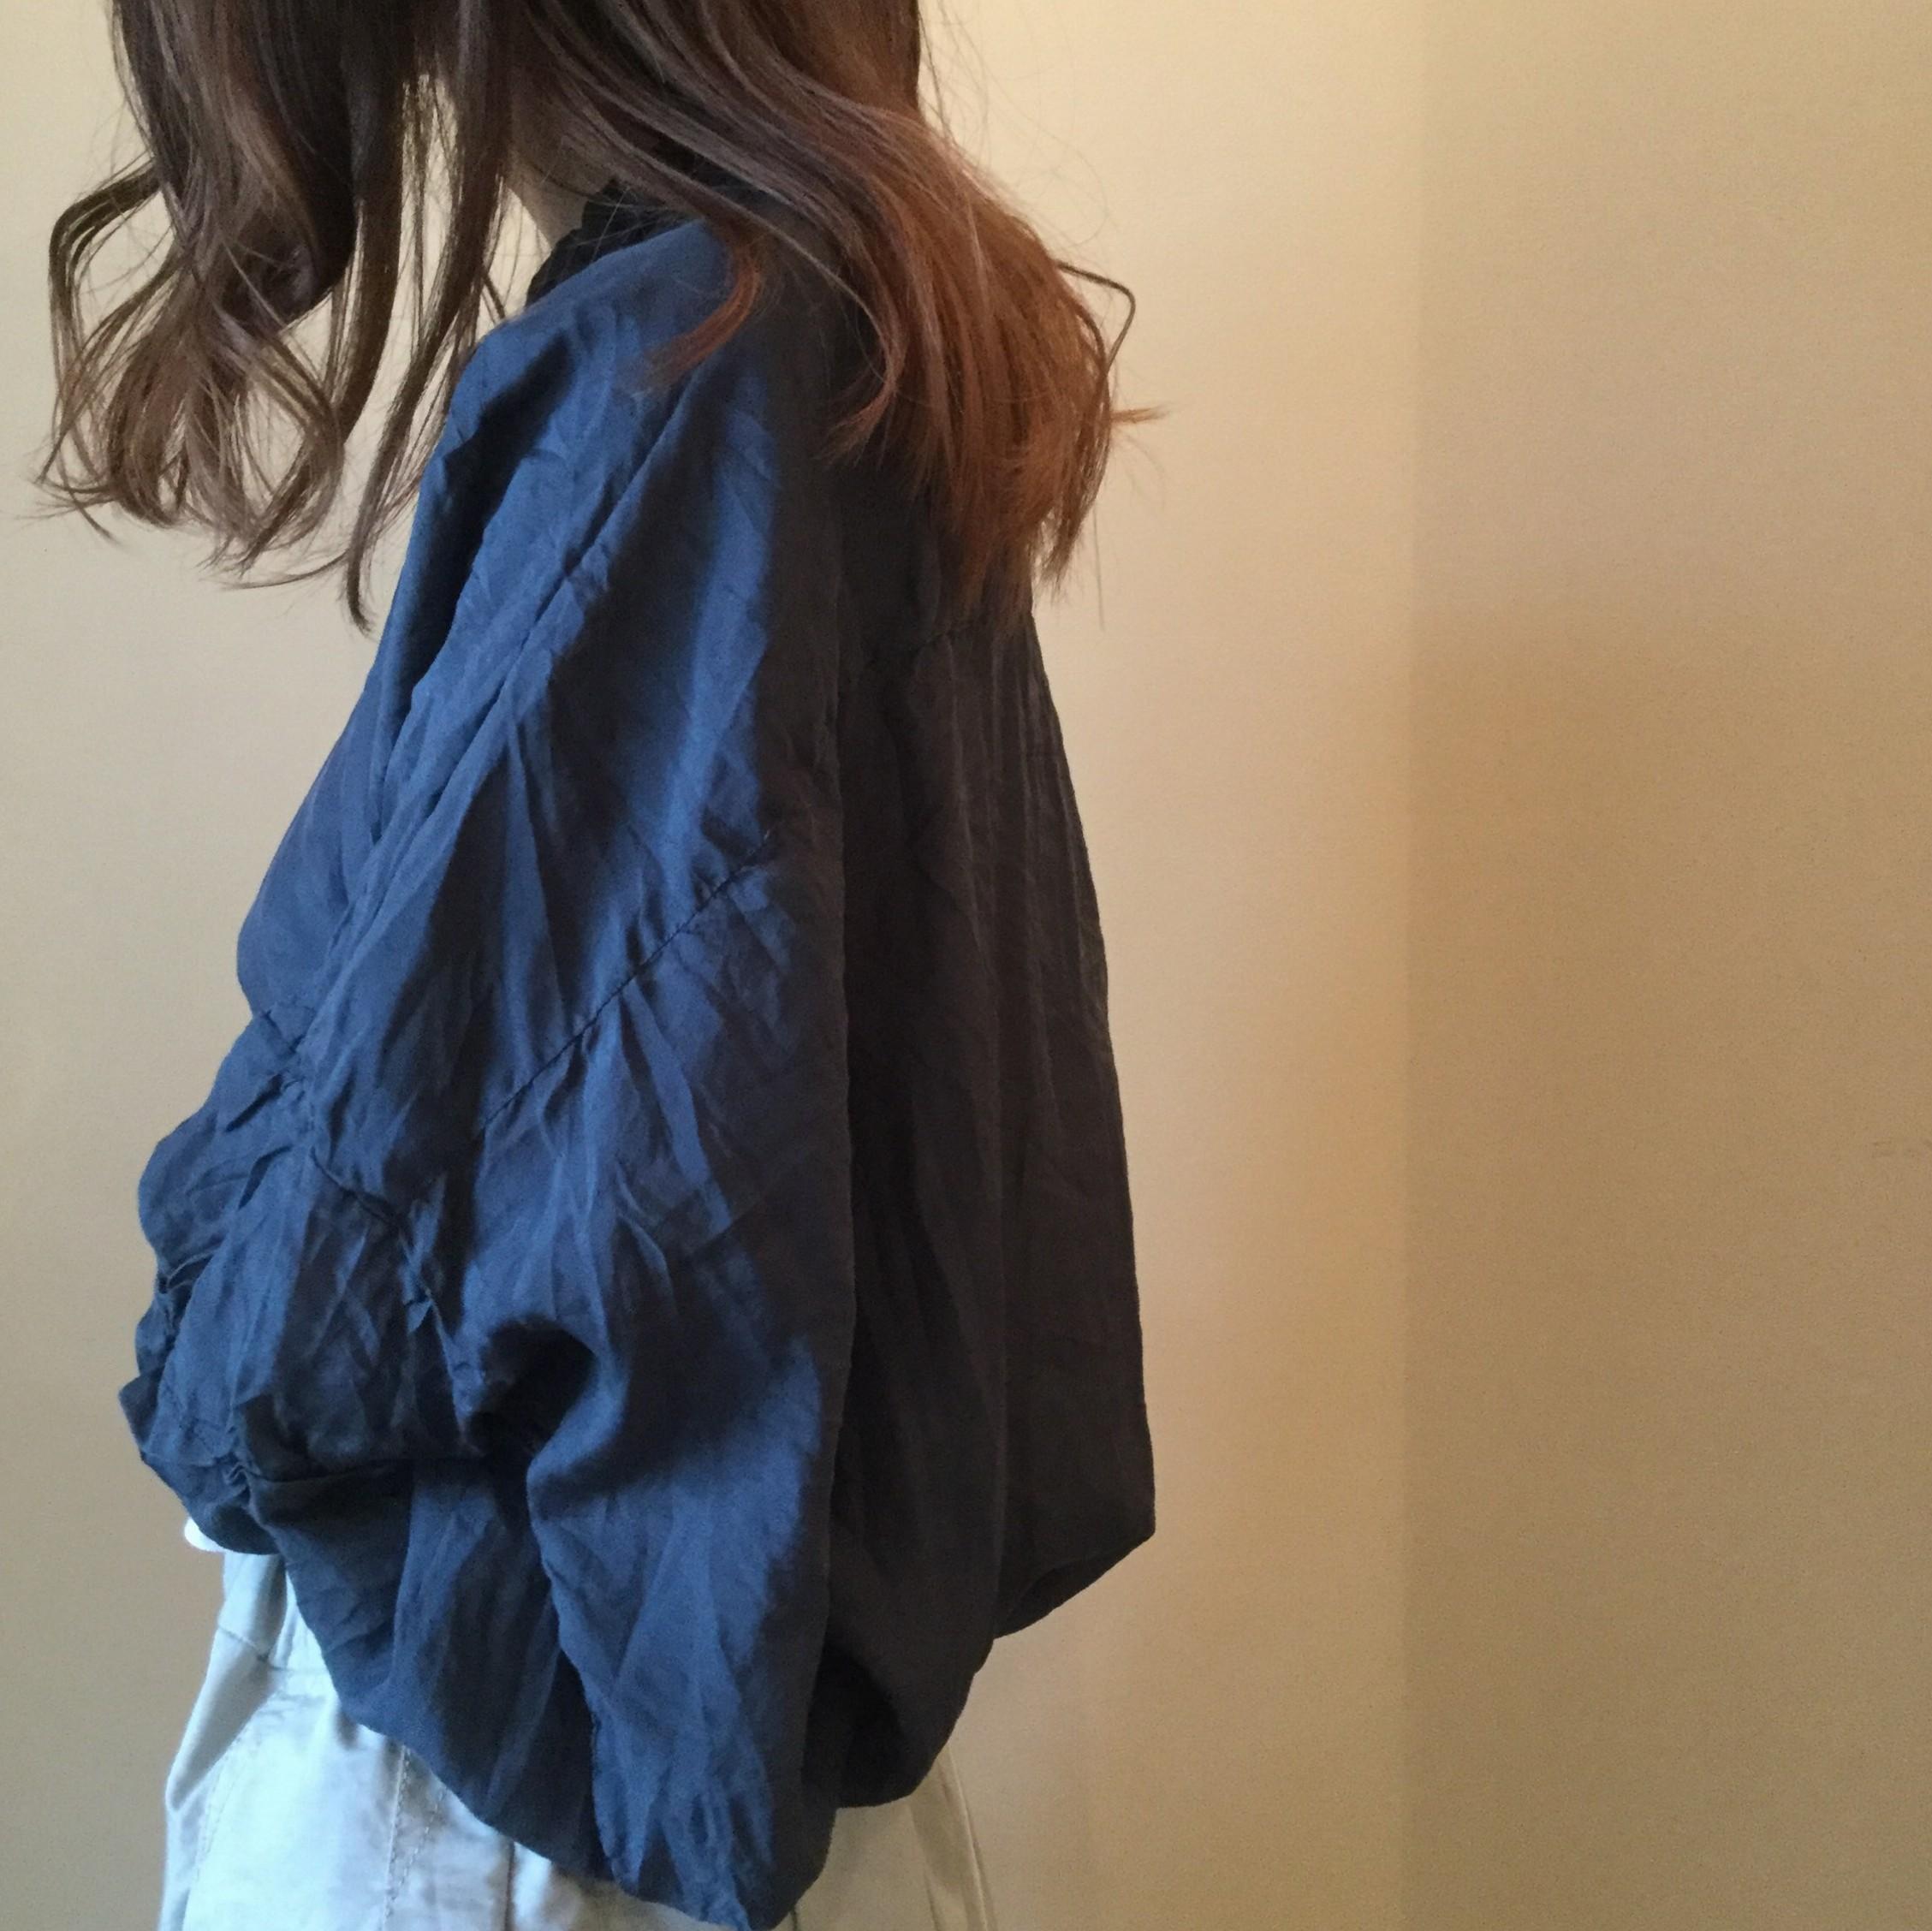 春夏caseycasey(ケーシーケーシー)のエアエイジおすすめのシルクシャツです